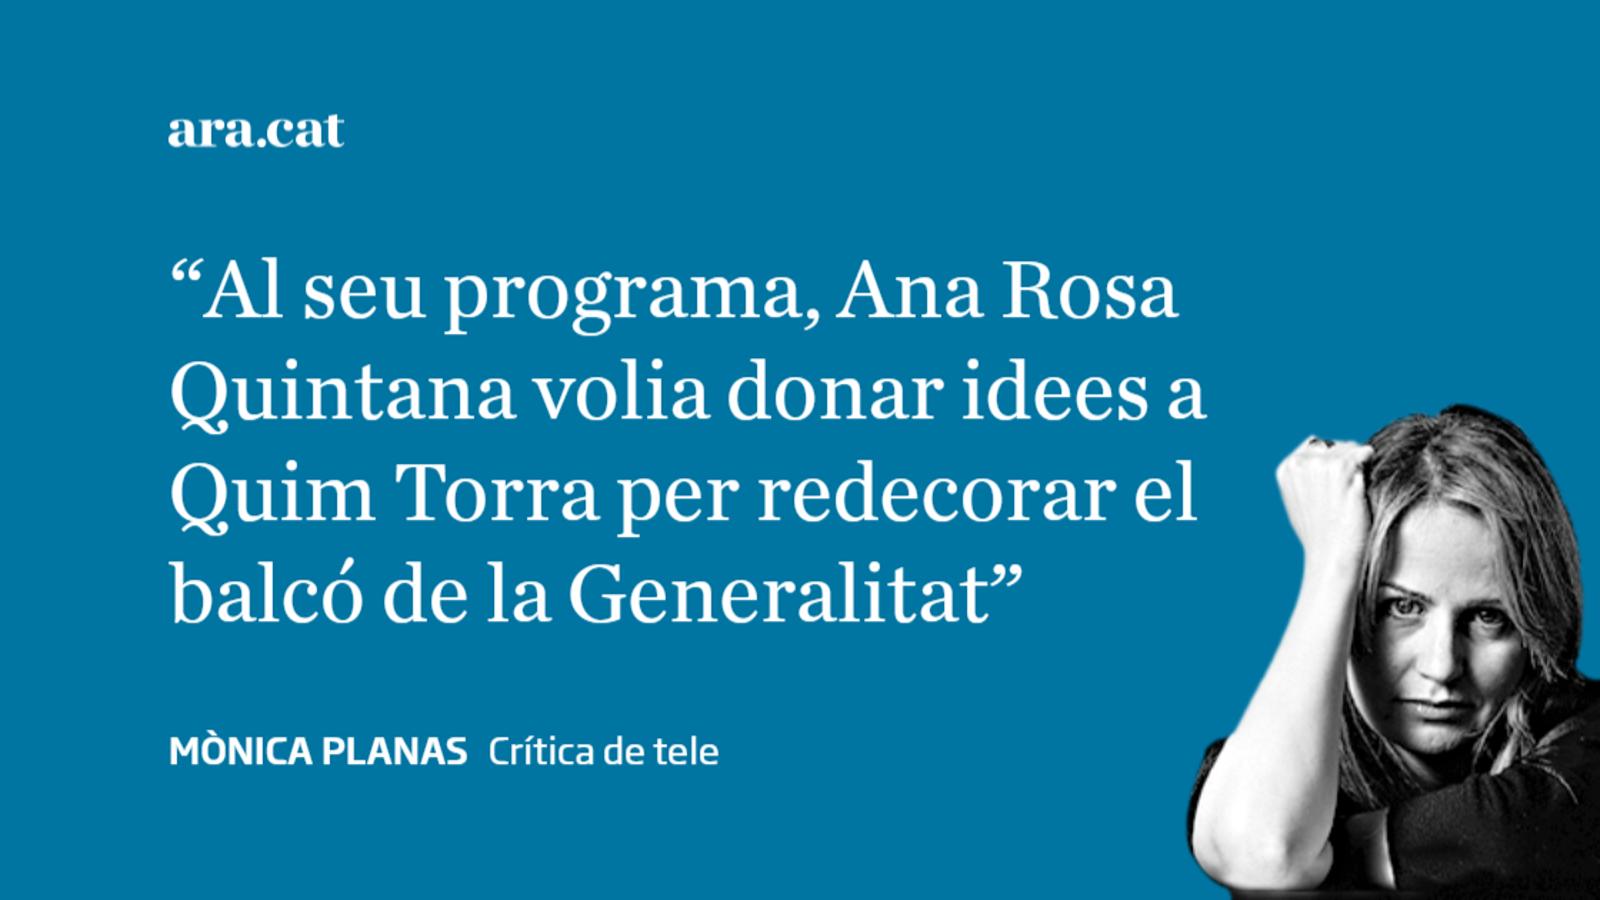 Ana Rosa Quintana va tard